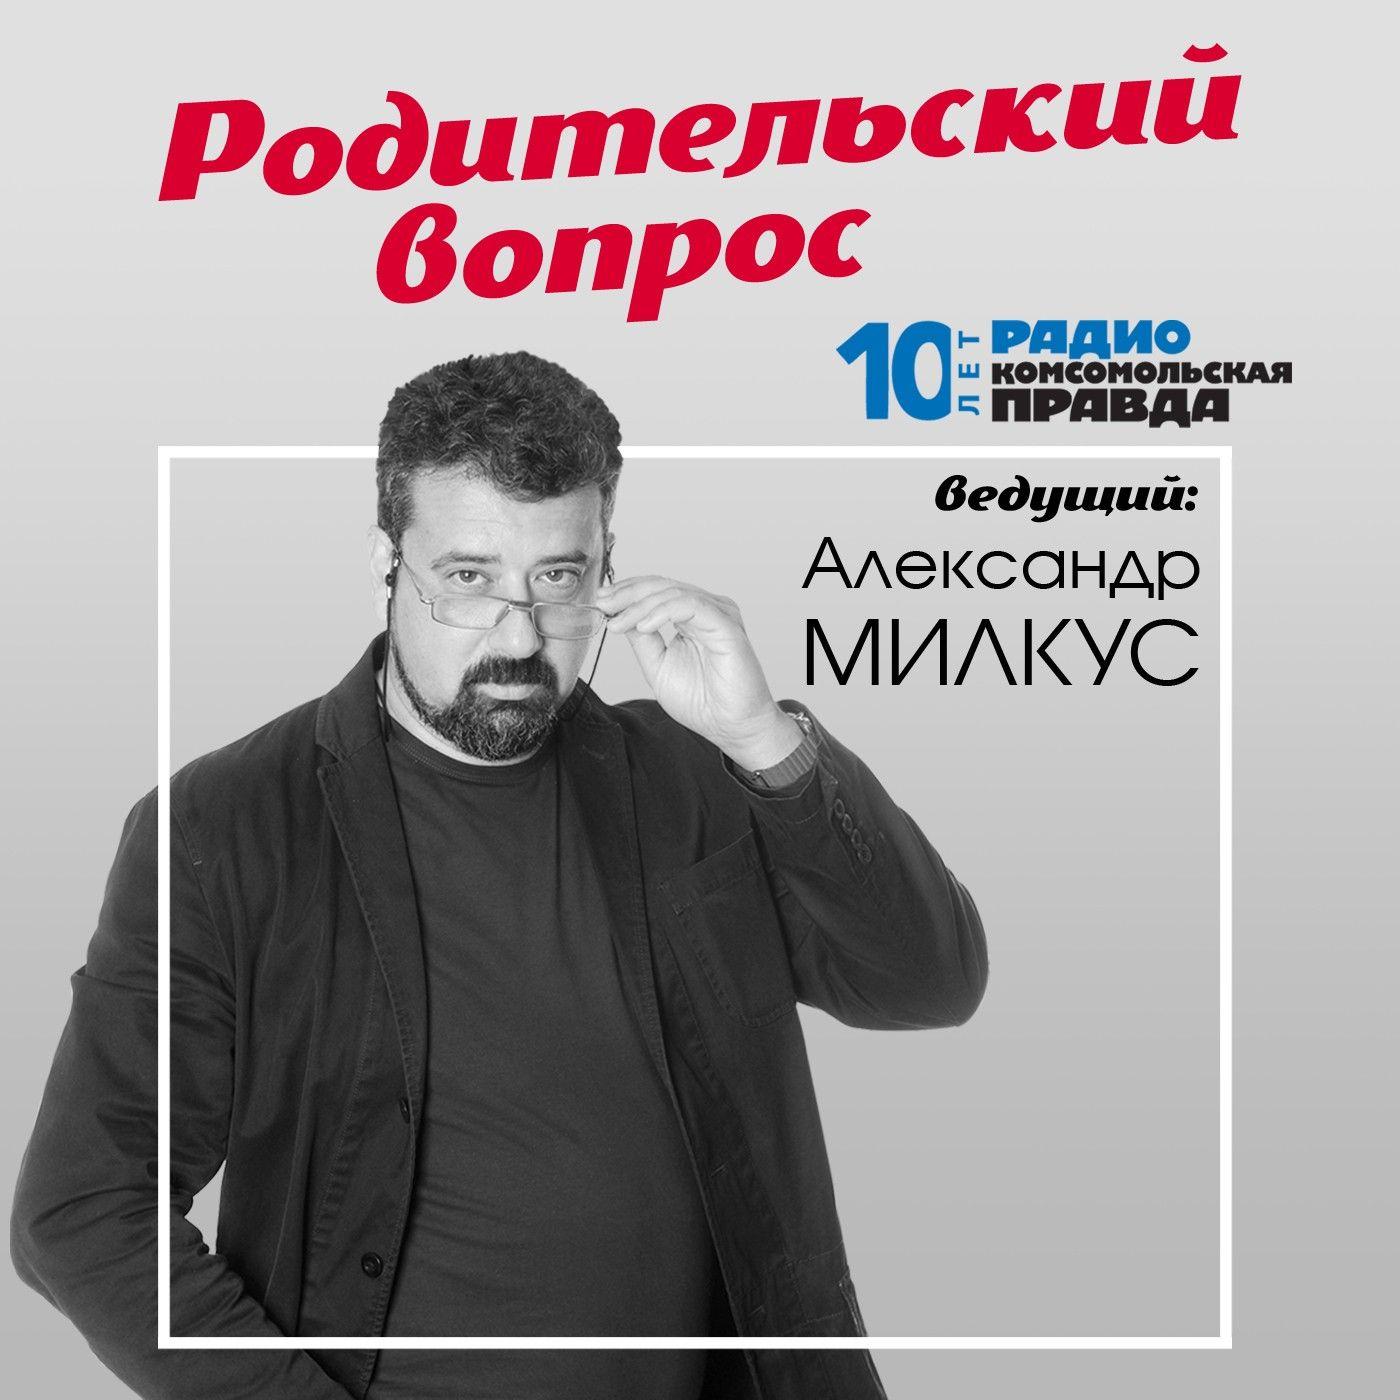 Радио «Комсомольская правда» Что дарить детям, у которых все есть